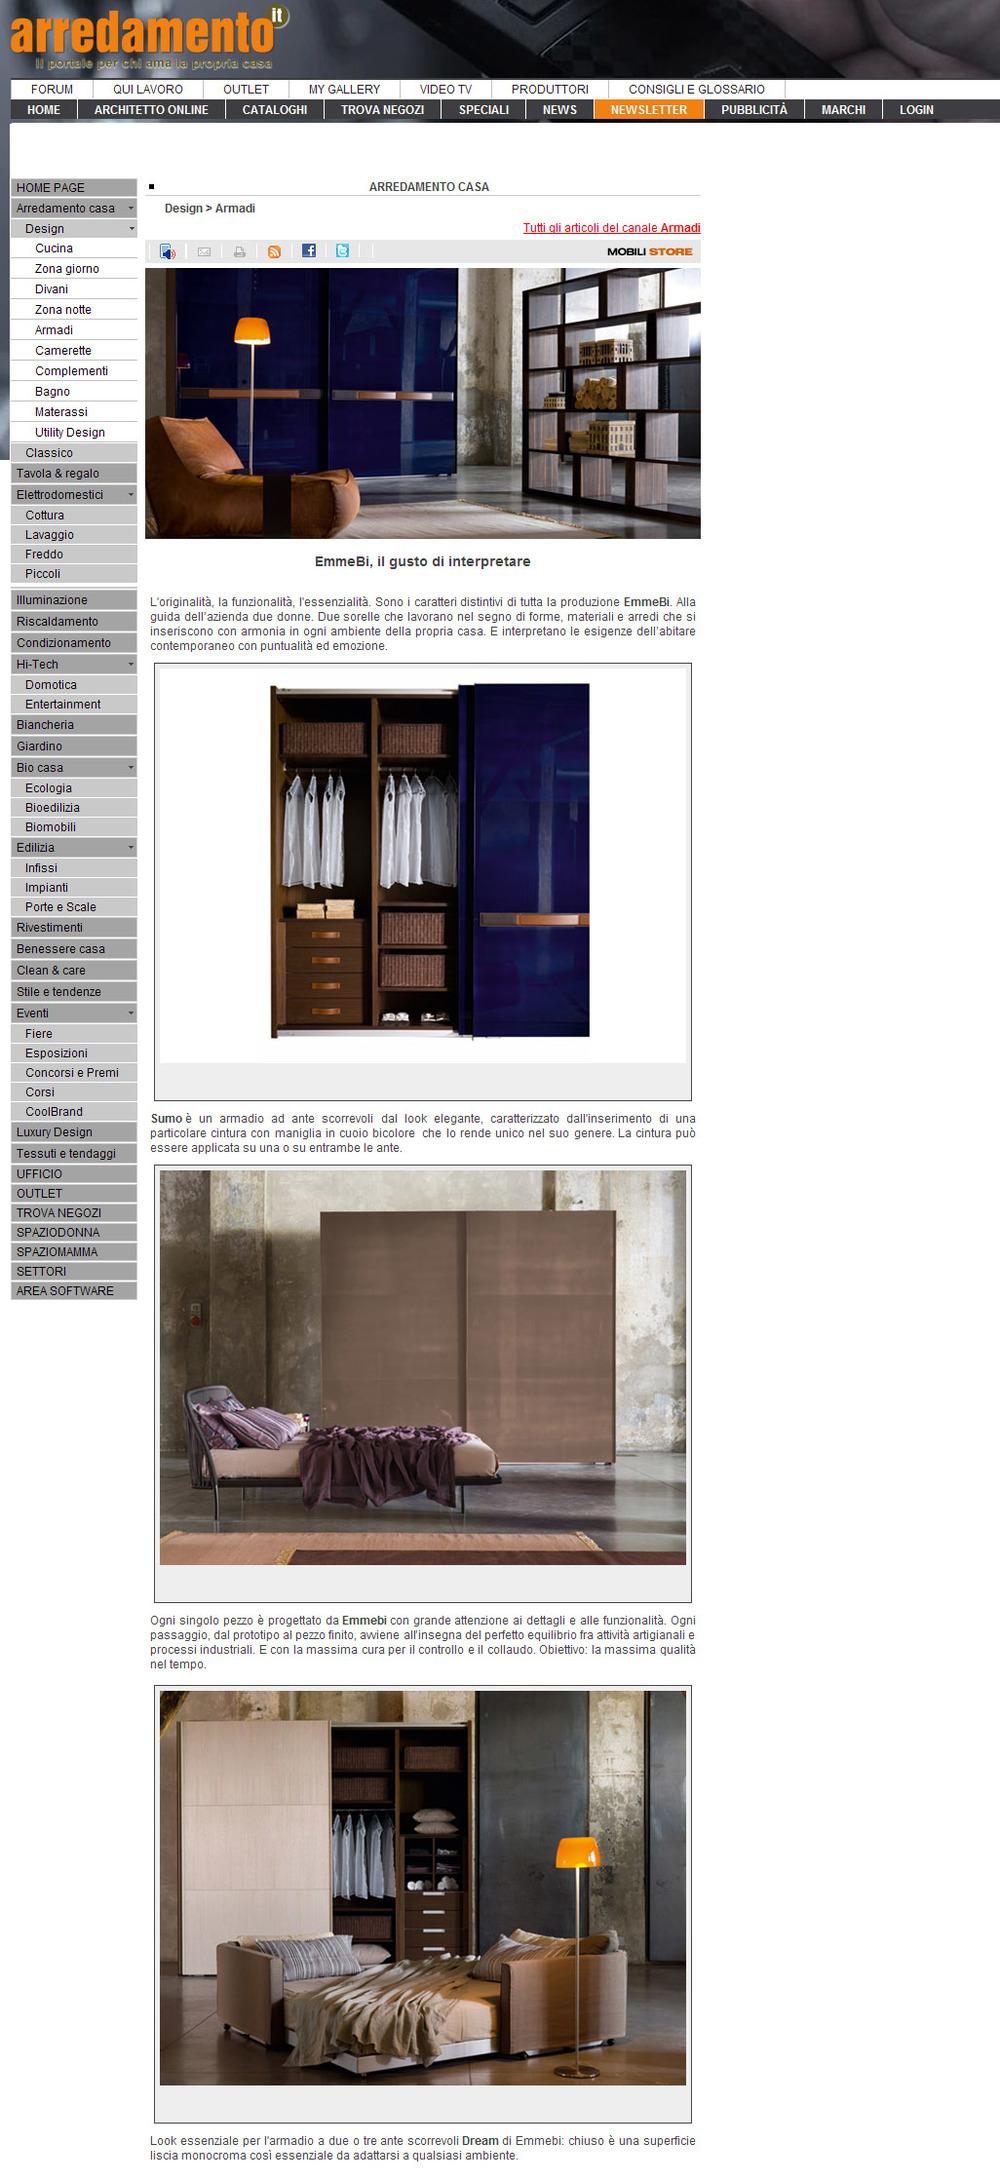 www.arredamento.it 20 Giugno 11.jpg